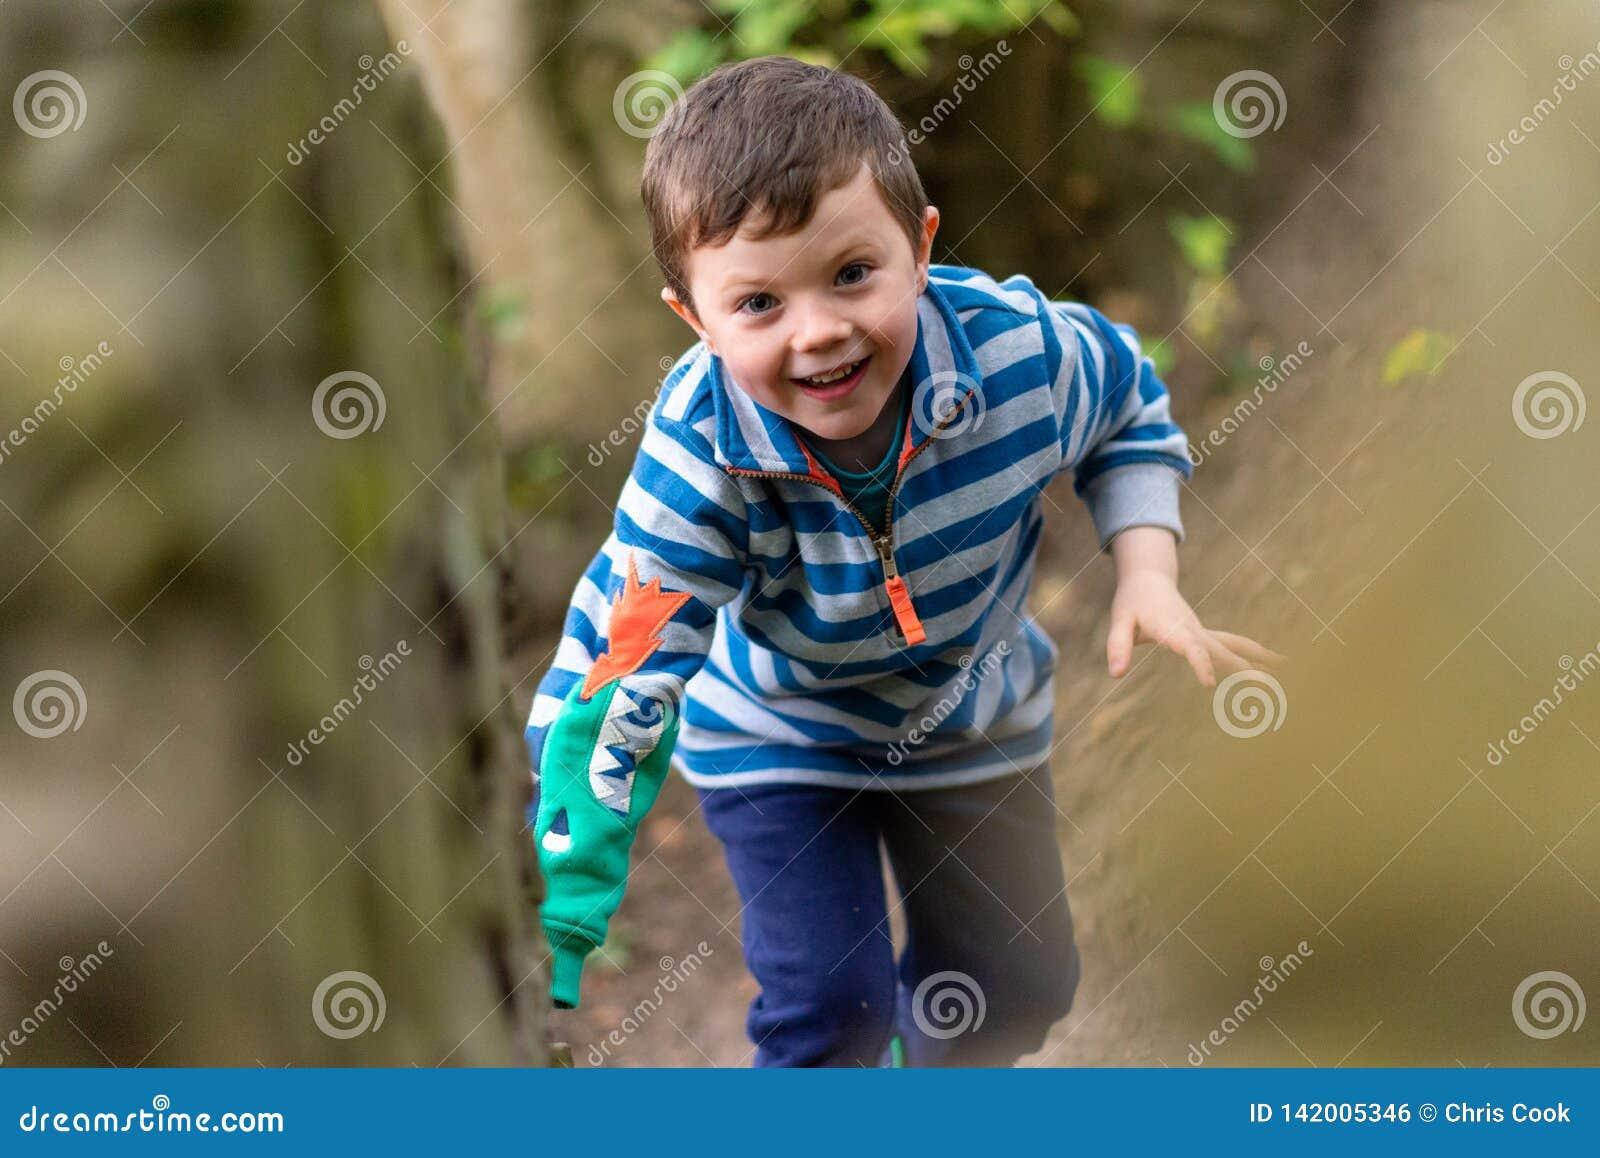 Um menino pequeno na roupa brilhante escala através de uma floresta enquanto sorrindo